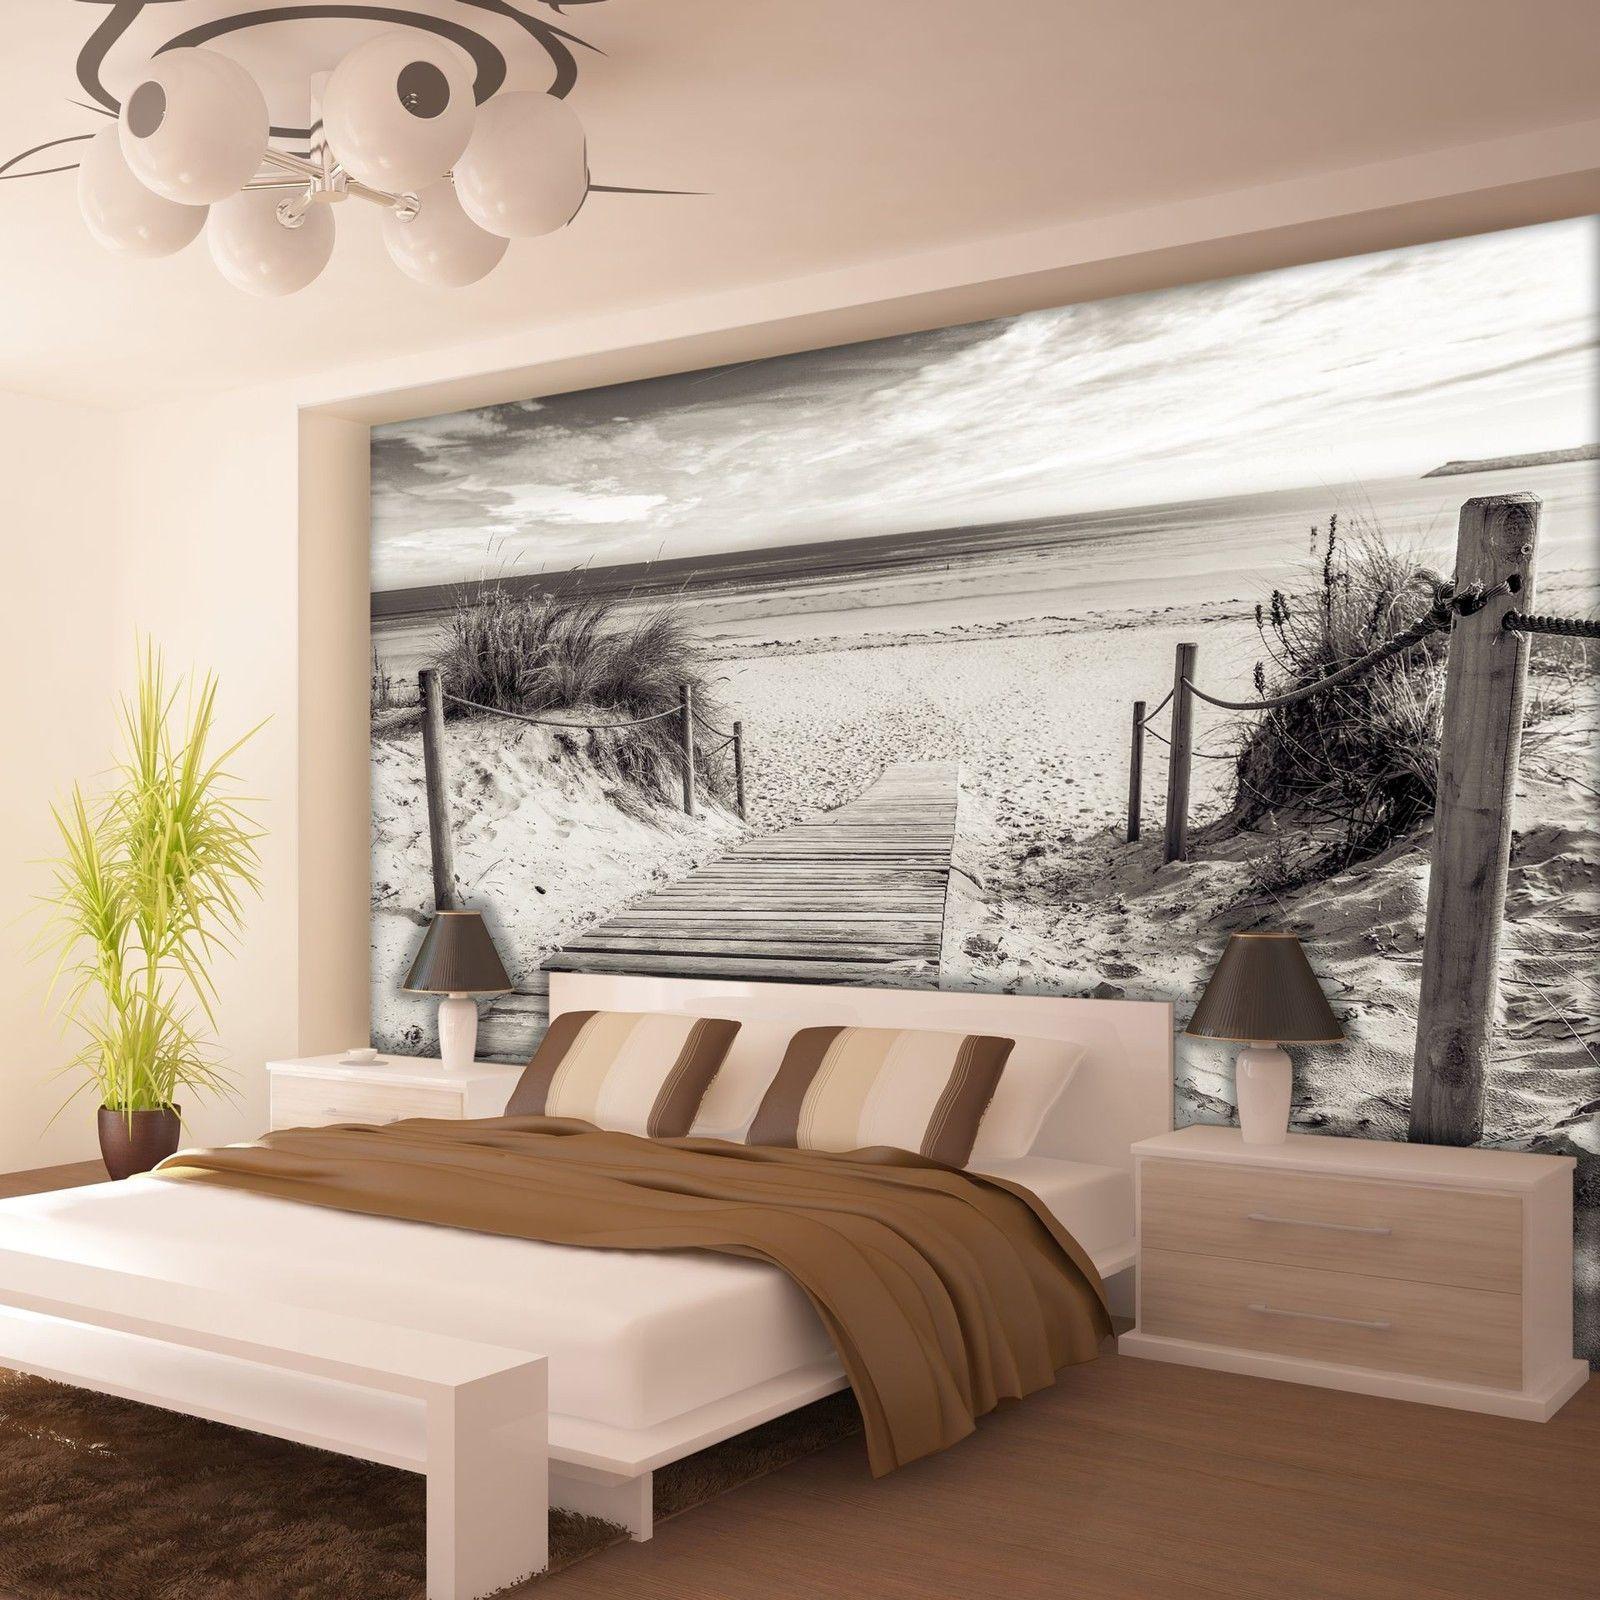 Home interior tapeten design fototapete fototapeten tapeten strand sand meer sommerferien